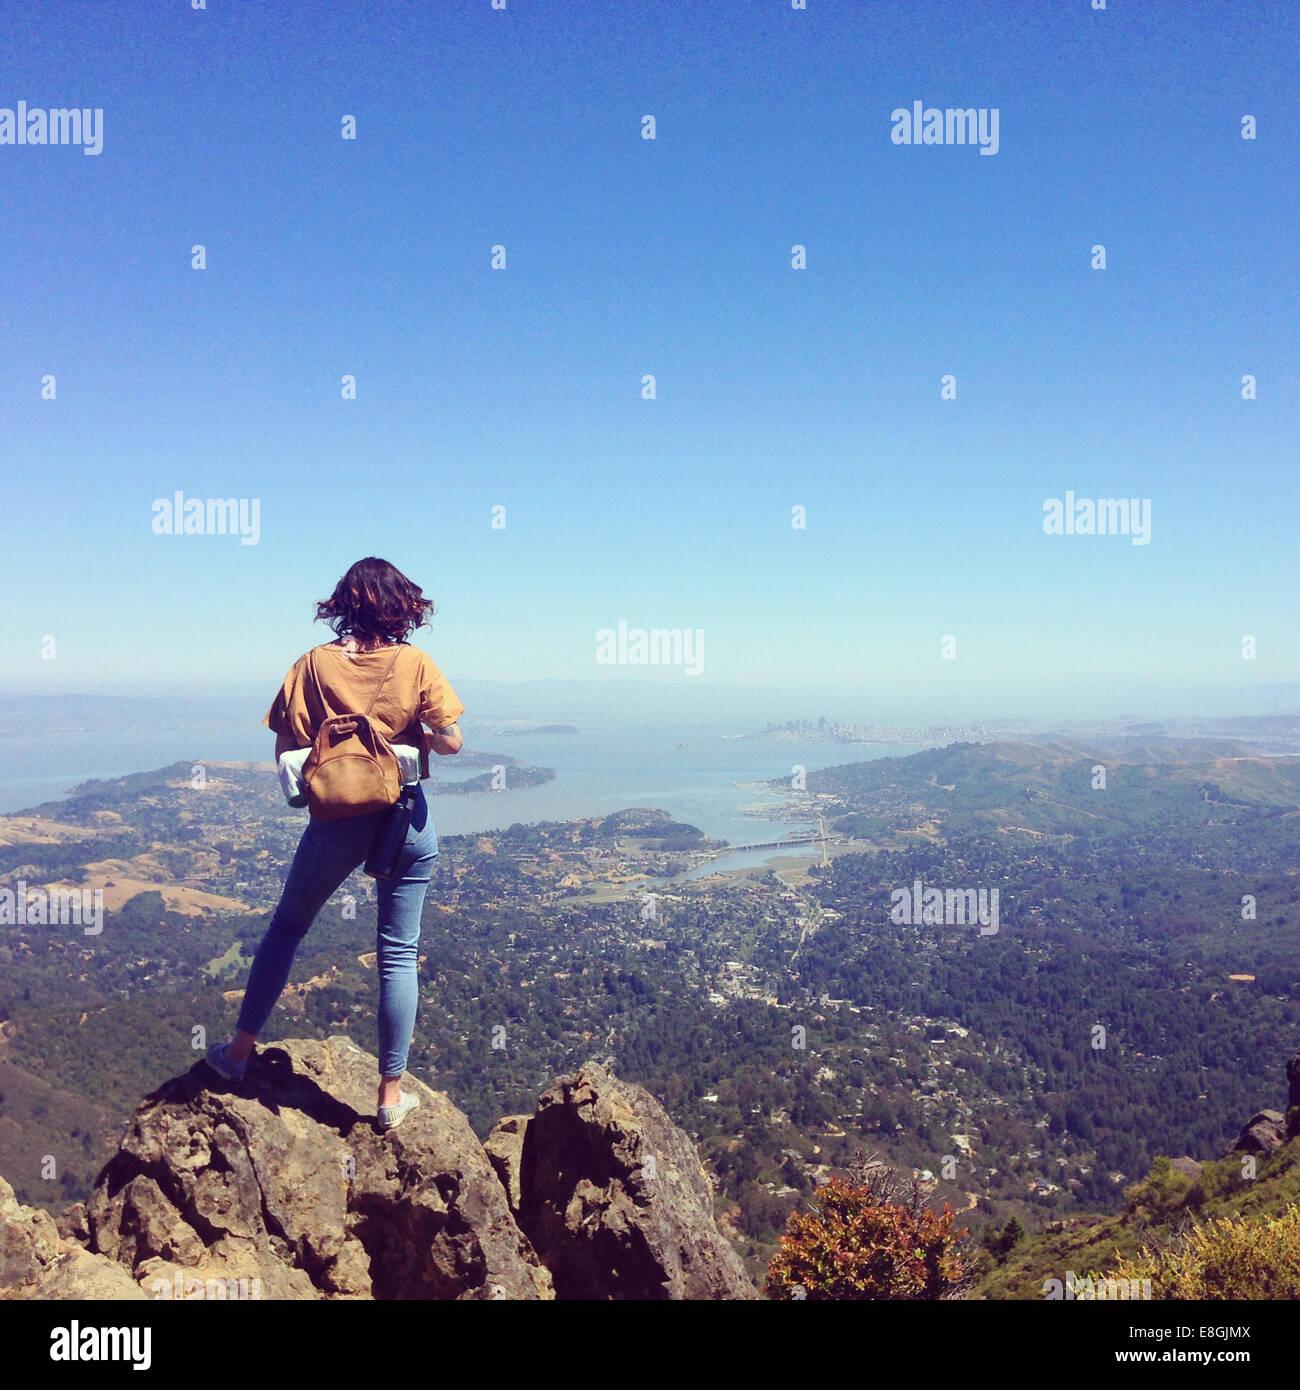 Femme debout sur le Mont Tamalpais à la ville, à San Francisco, Californie, États-Unis d'Amérique Photo Stock